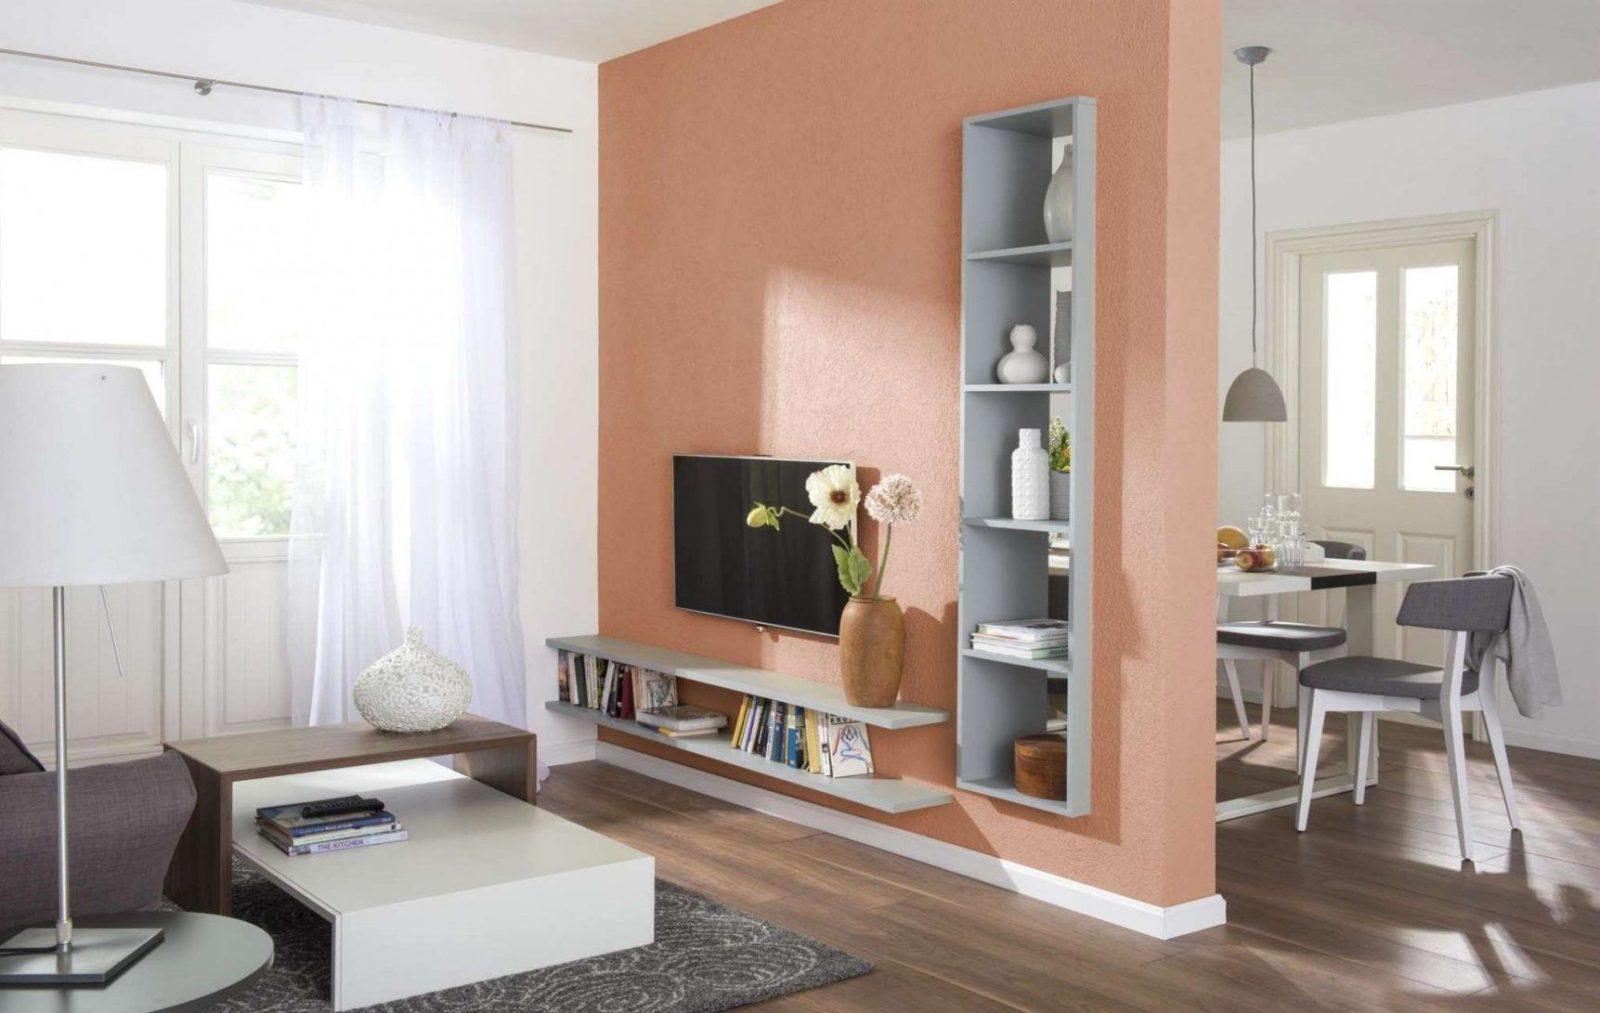 Ideen 1 Zimmer Wohnung Einrichten Kreativ On Mit Wohnideen Schön 4